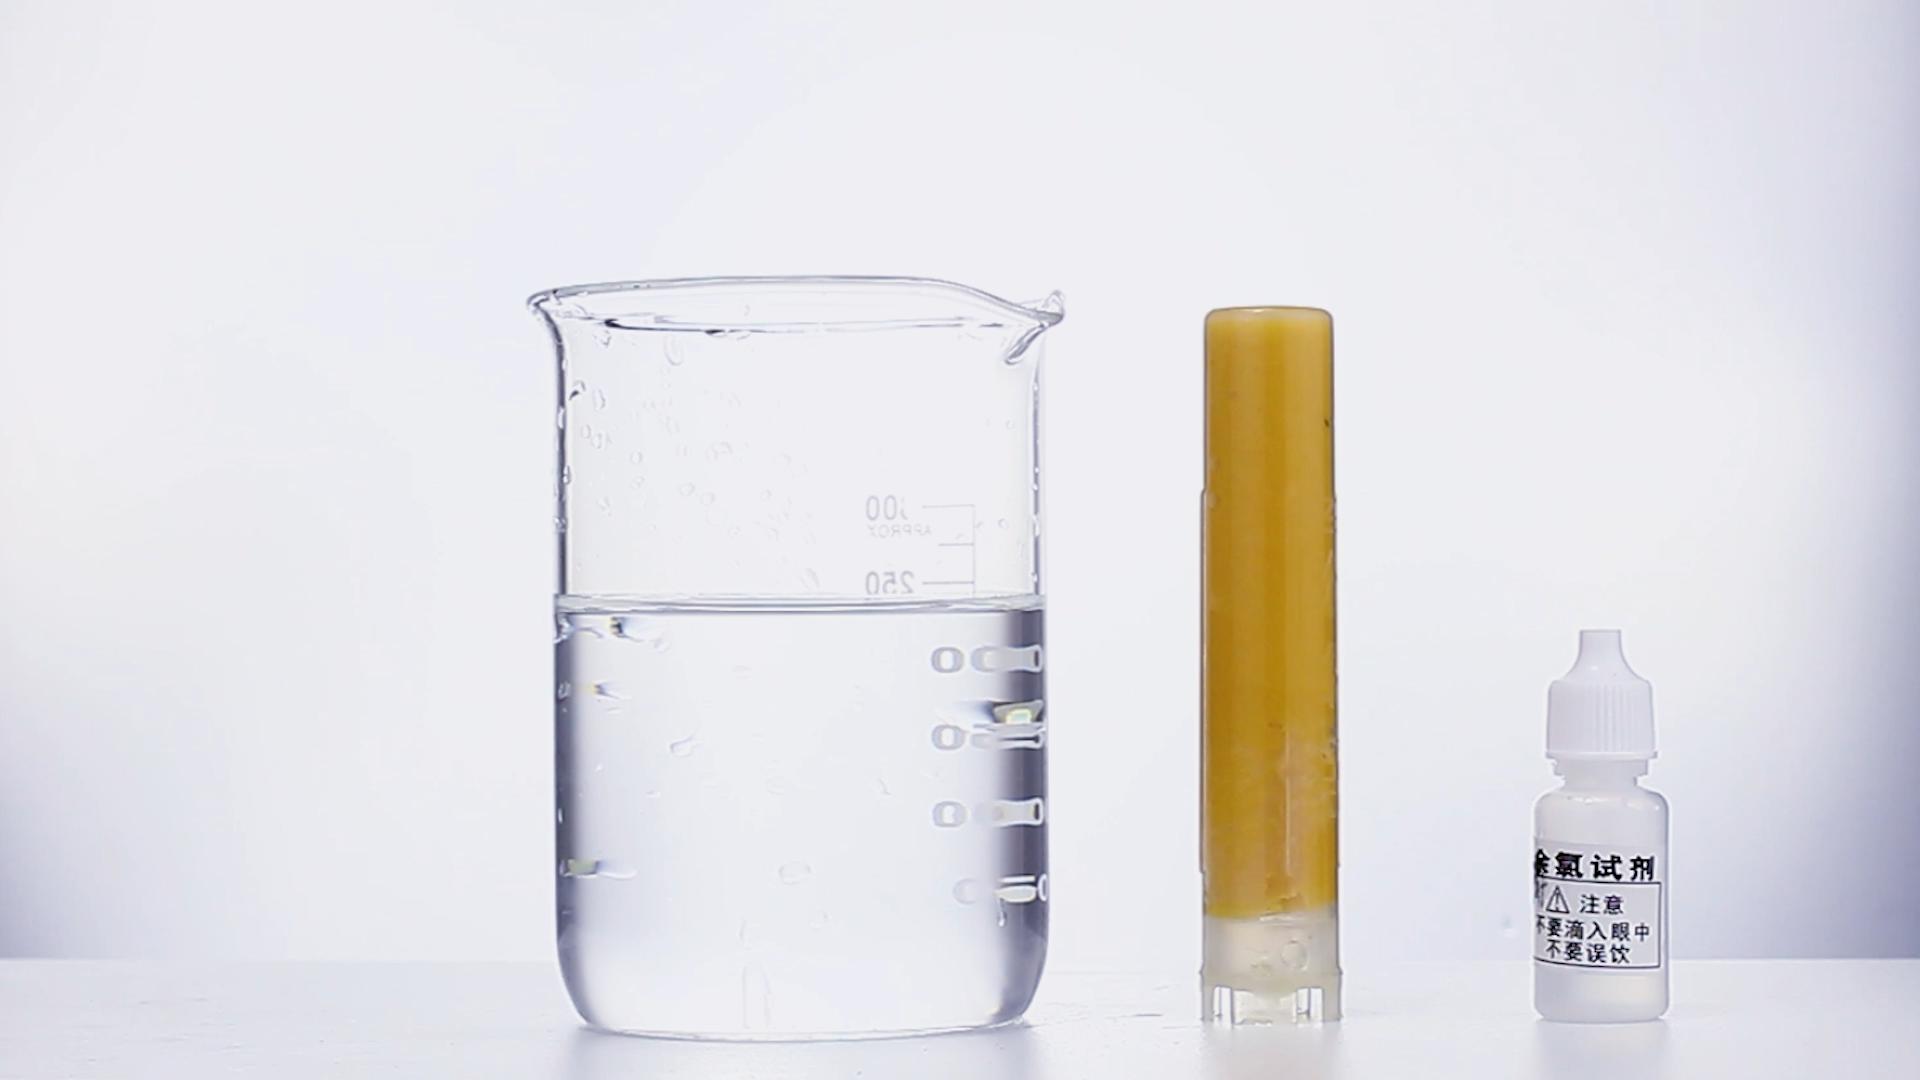 2020 Bán Buôn Hương Thơm Vitamin C Tắm Bộ Lọc Thay Thế Hộp Mực Cho Clo